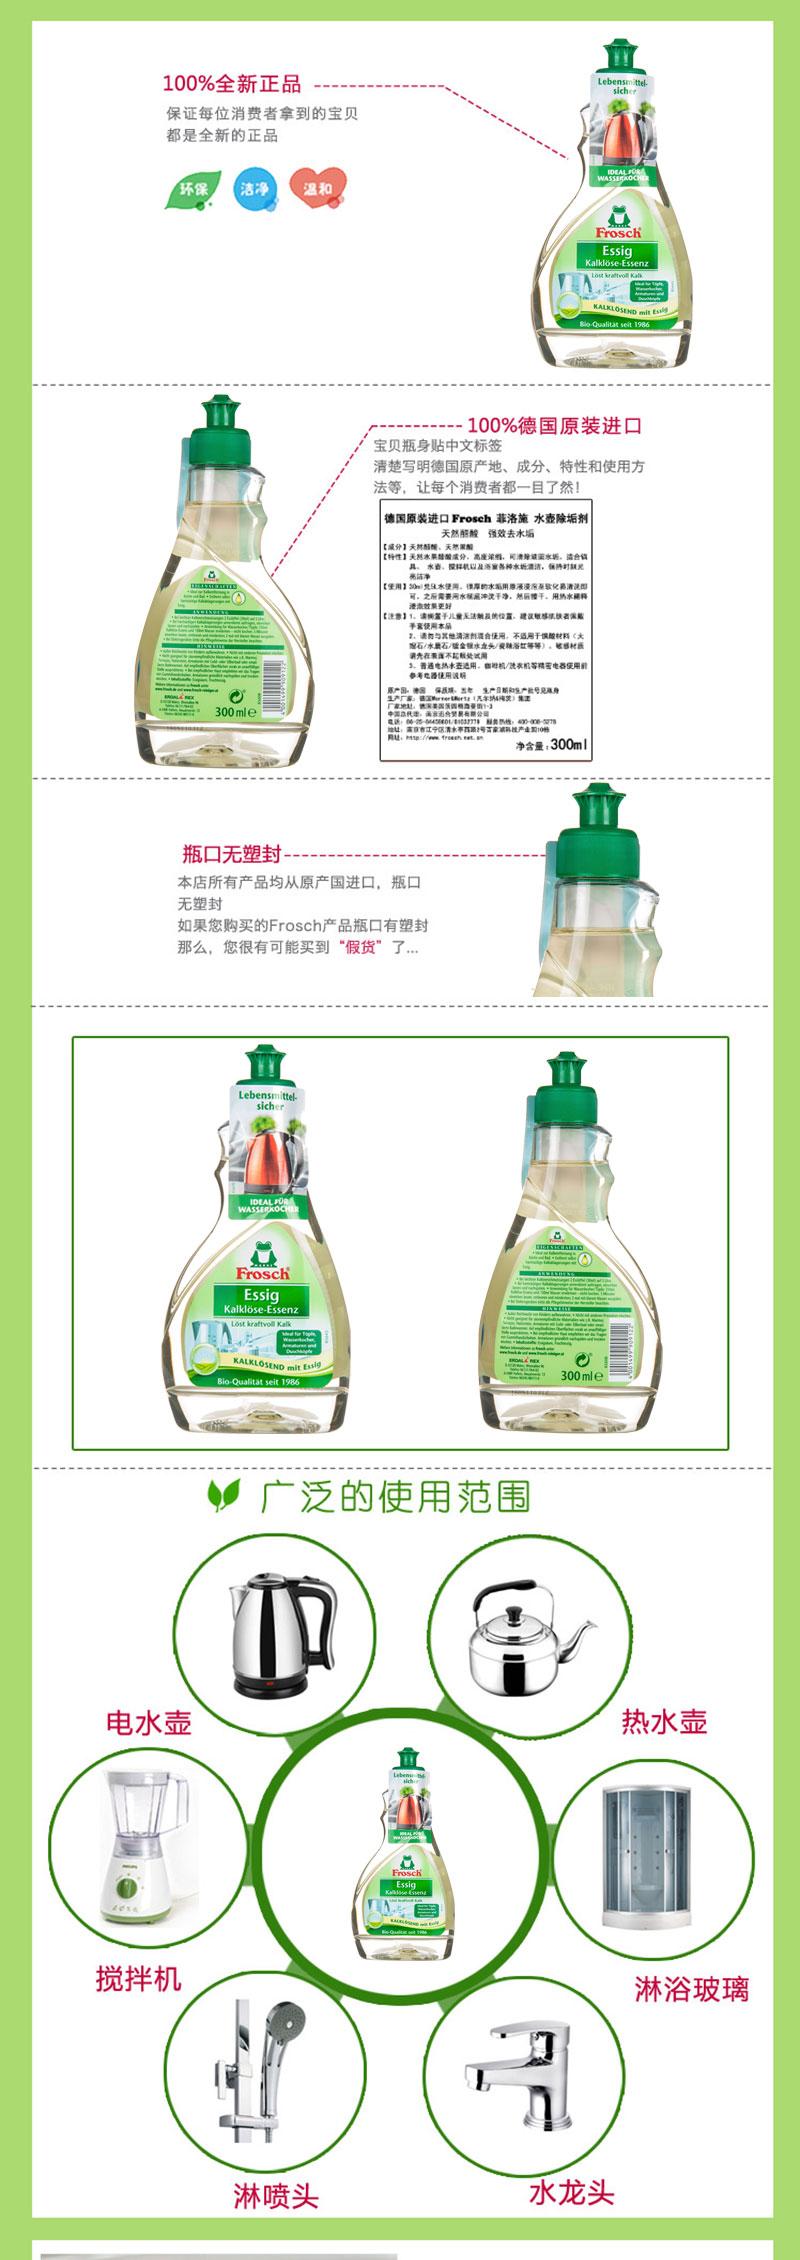 水壶水垢清洁剂_02.jpg